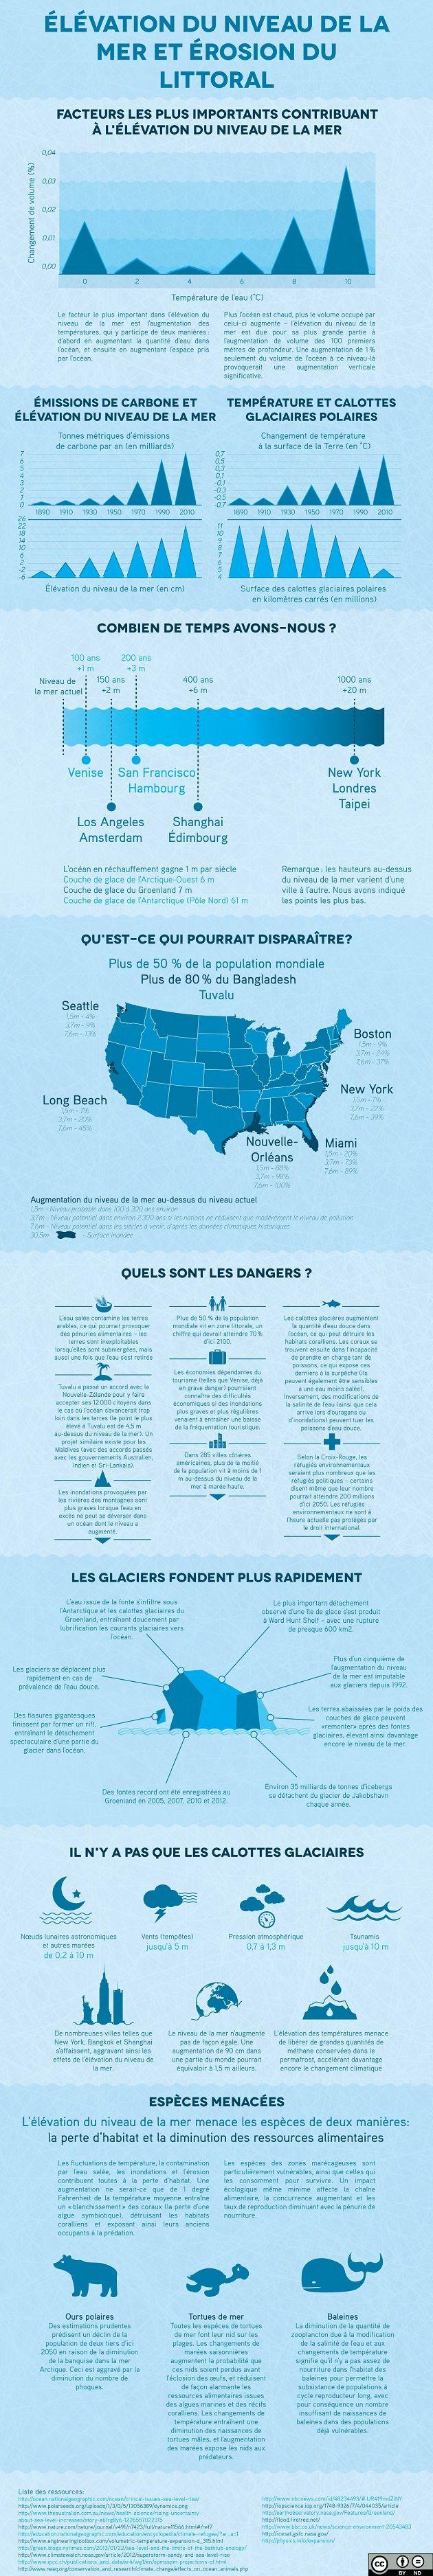 Infographie, élévation du niveau de la mer et érosion du littoral